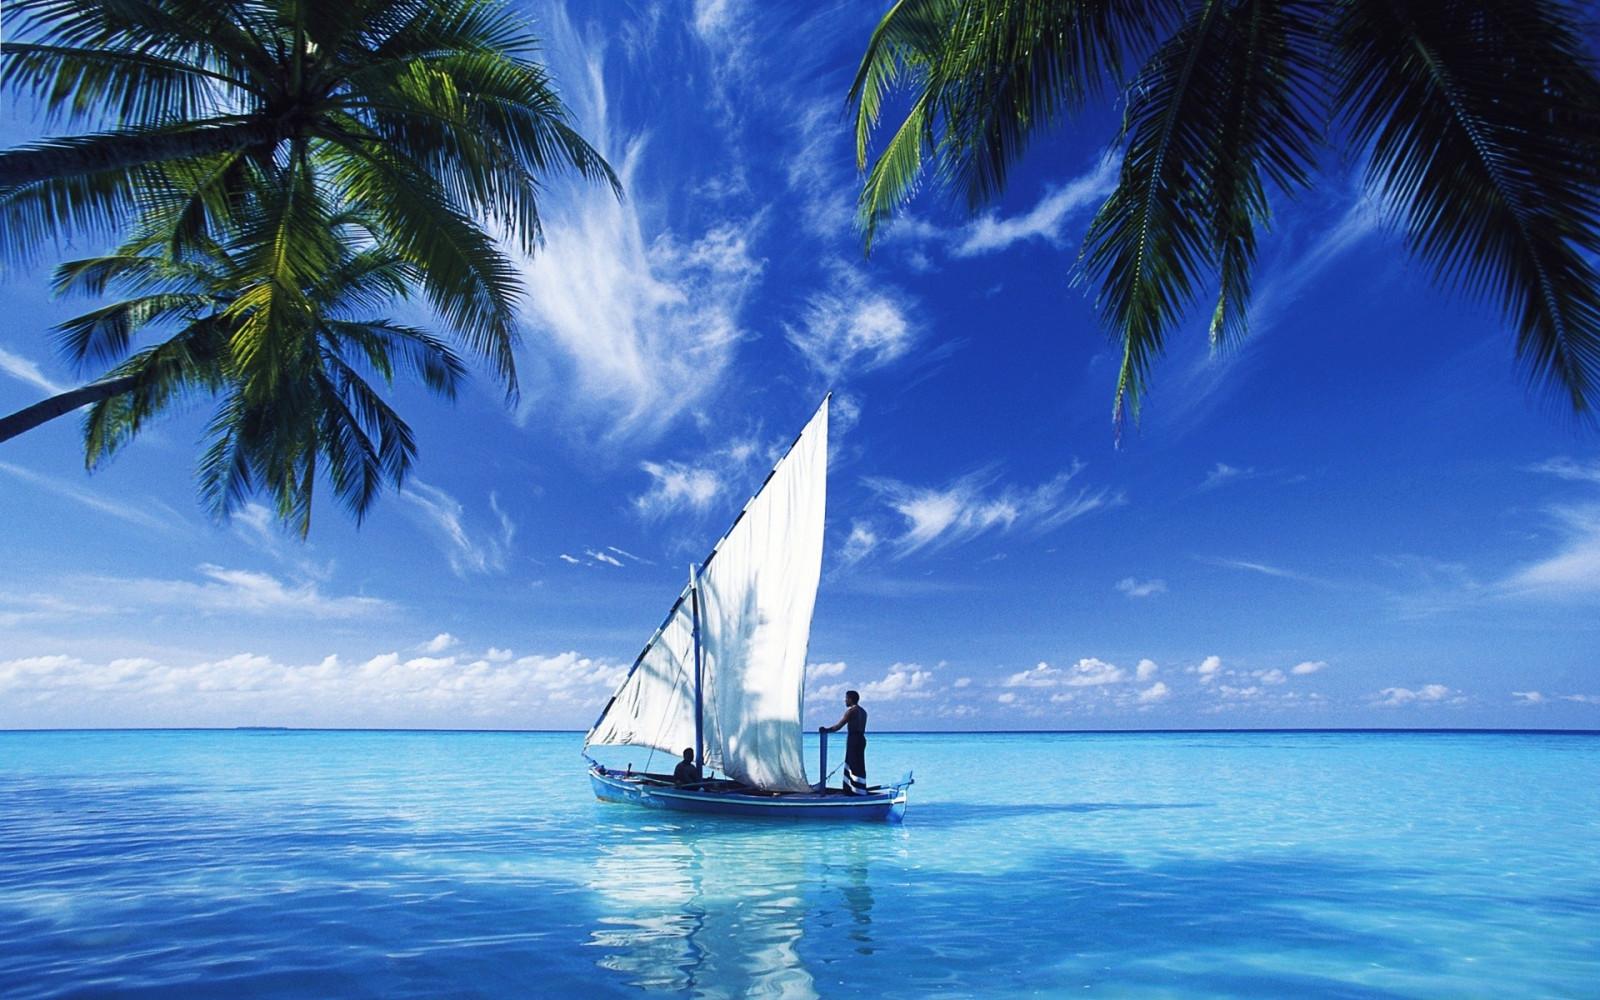 море паруса фотка